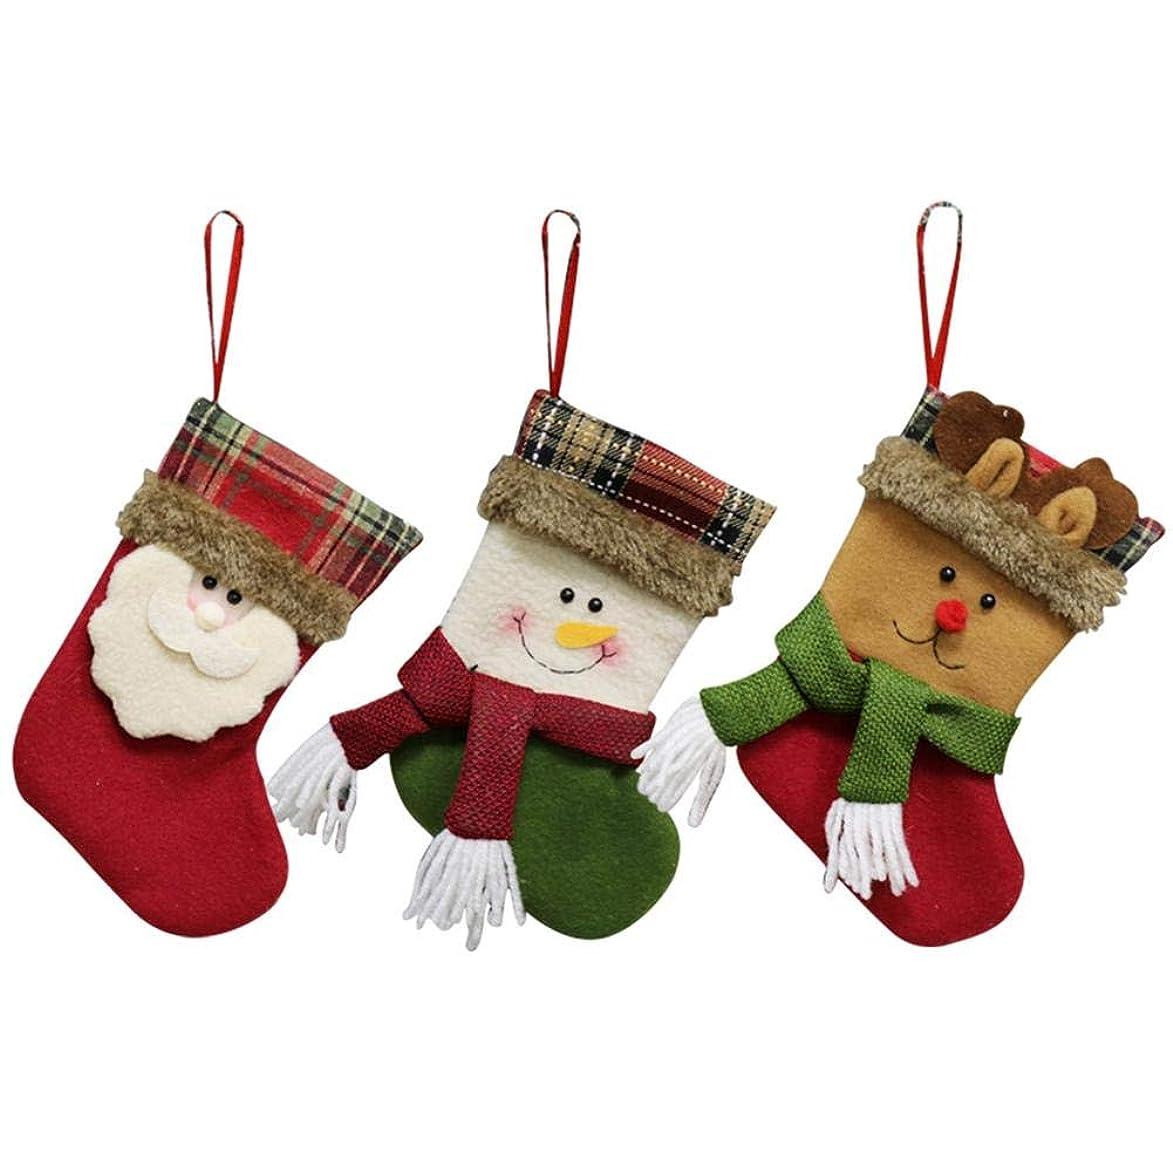 輸血堤防王朝クリスマス ソックス 北欧 クリスマス雑貨 飾り クリスマスストッキング お菓子 靴下 ギフトバッグ おしゃれ クリスマス 雑貨 3枚セット